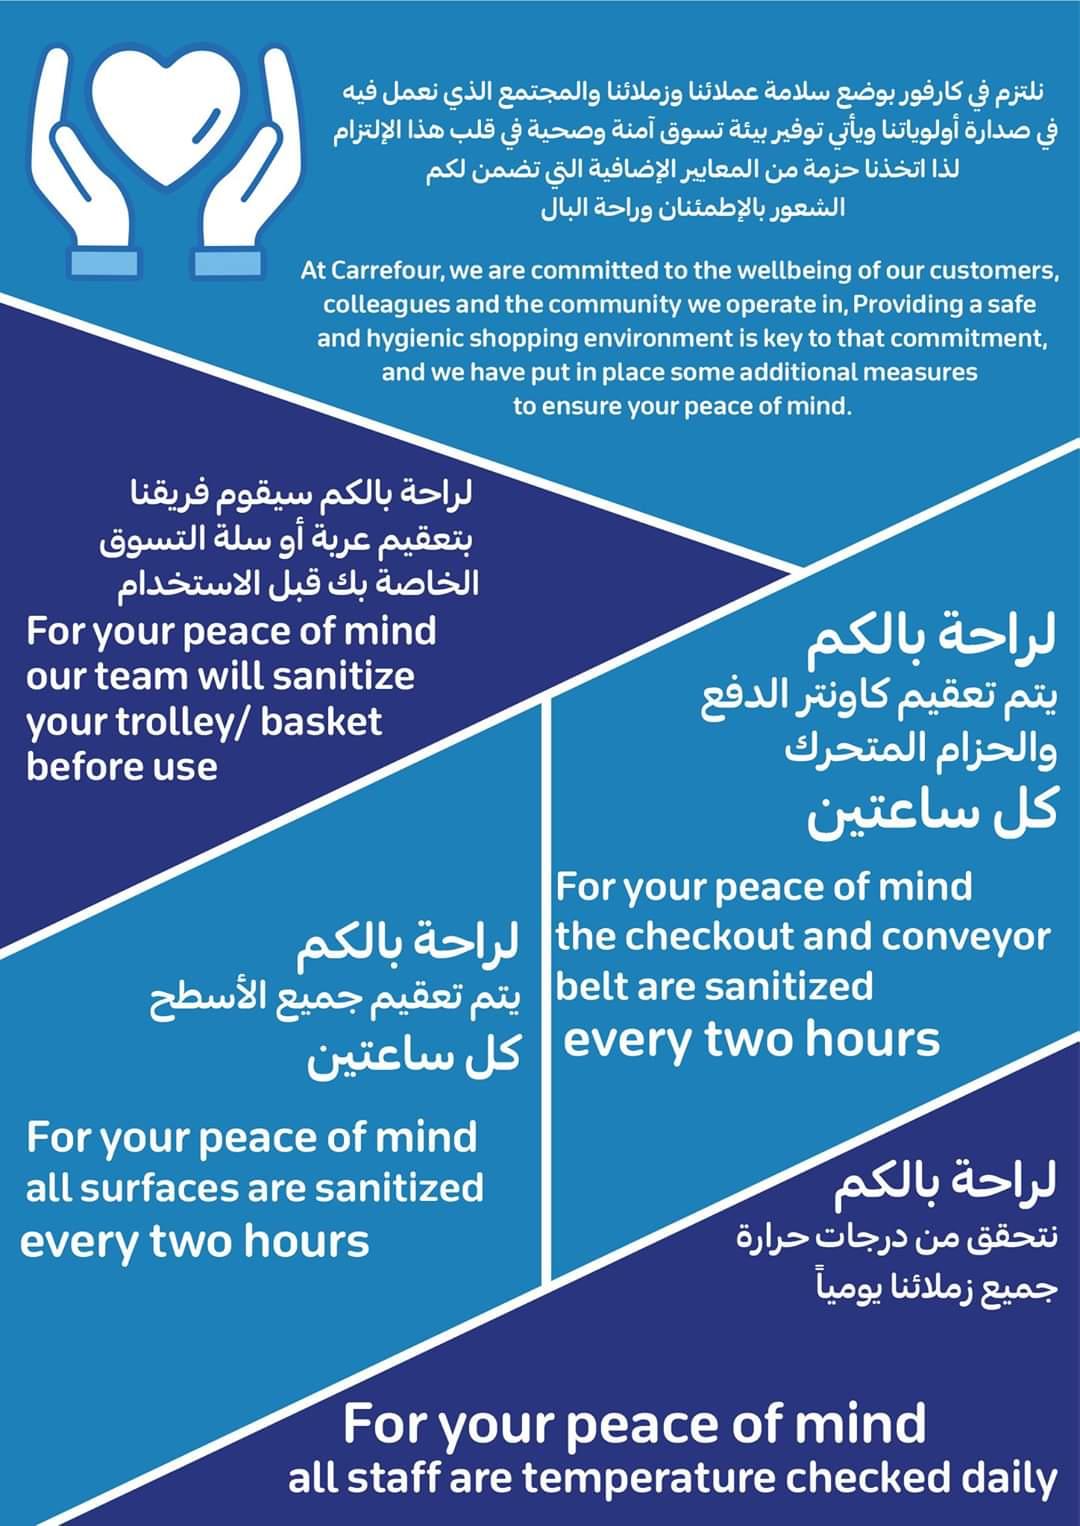 عروض كارفور مصر | عروض رمضان من 15 ابريل حتى 28 ابريل 2020 هايبرماركت